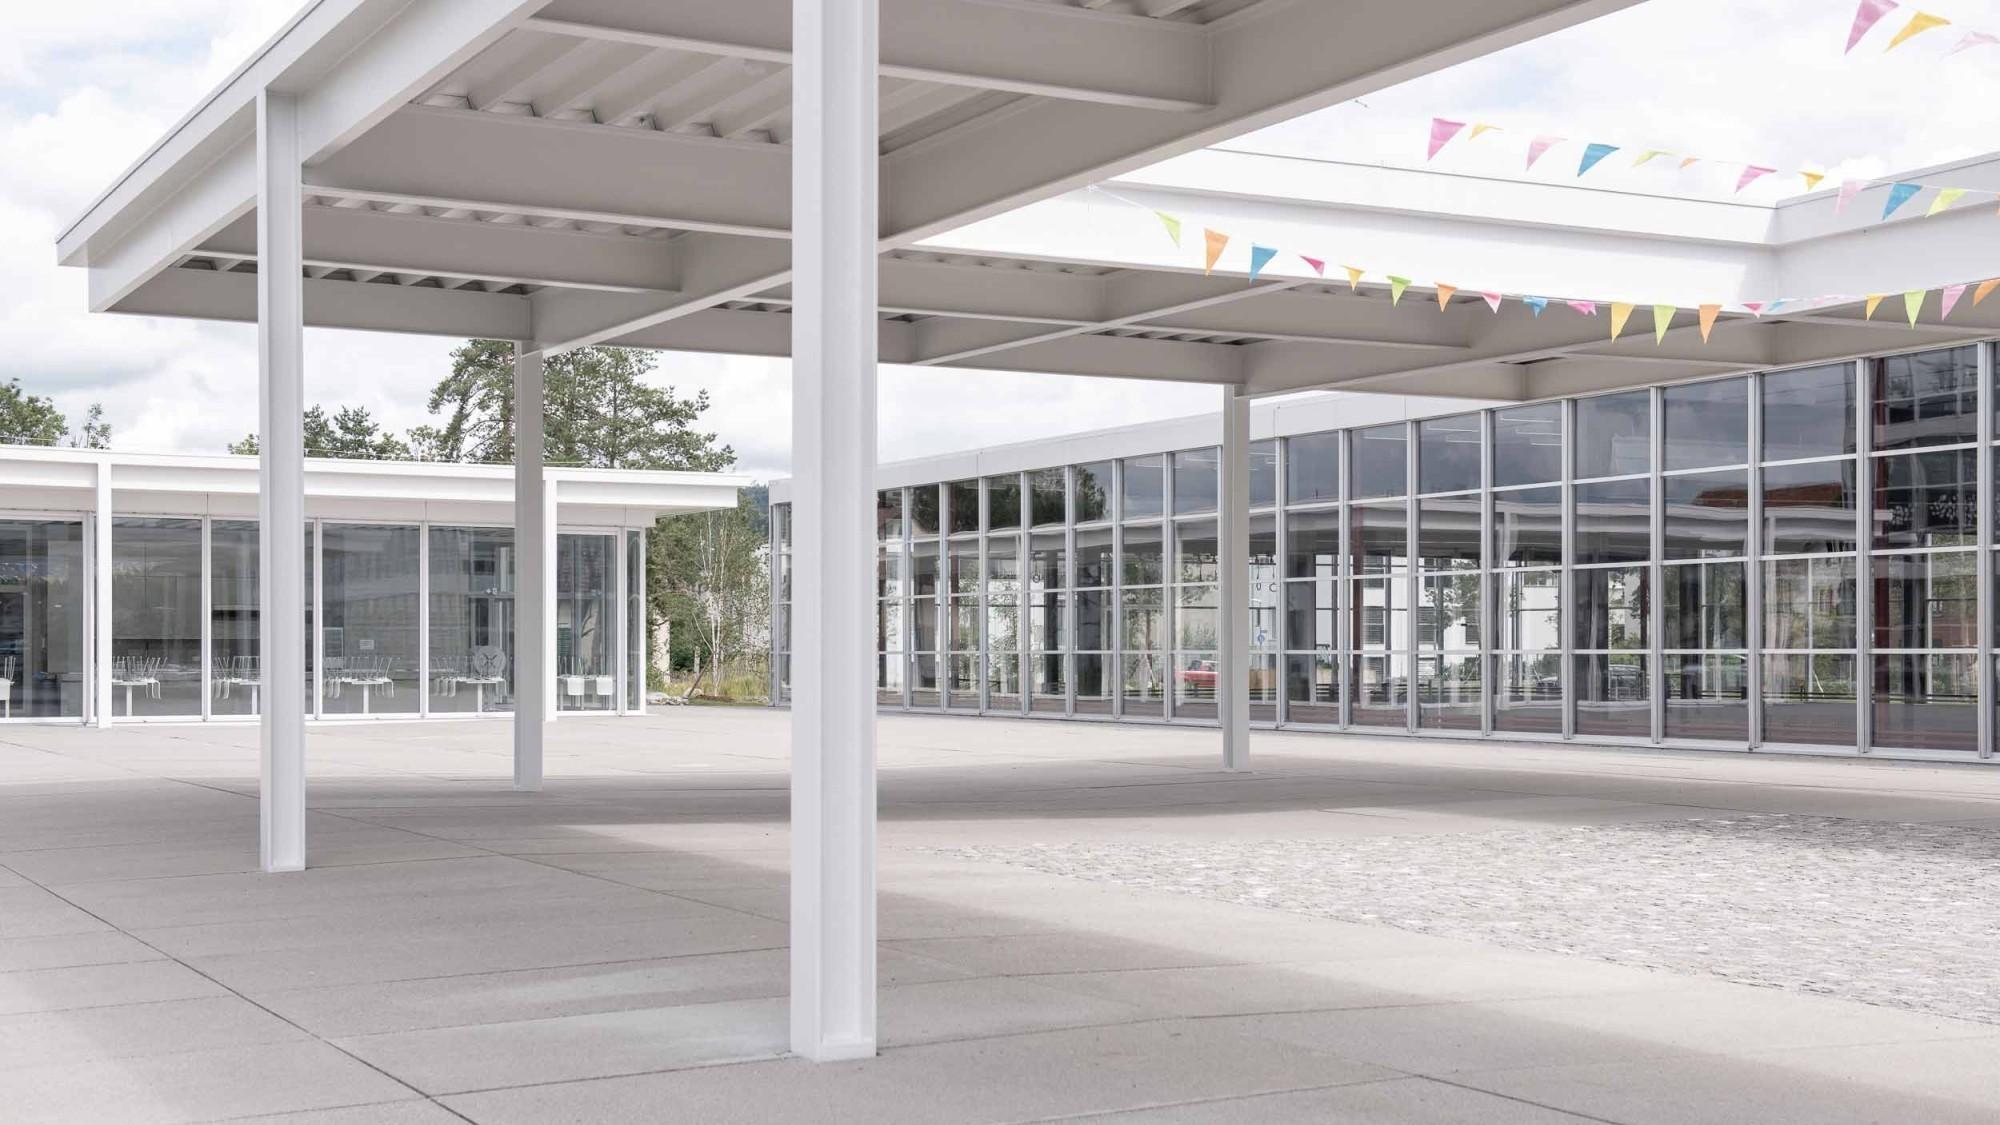 Le complexe scolaire à Auen sélectionné en première position.